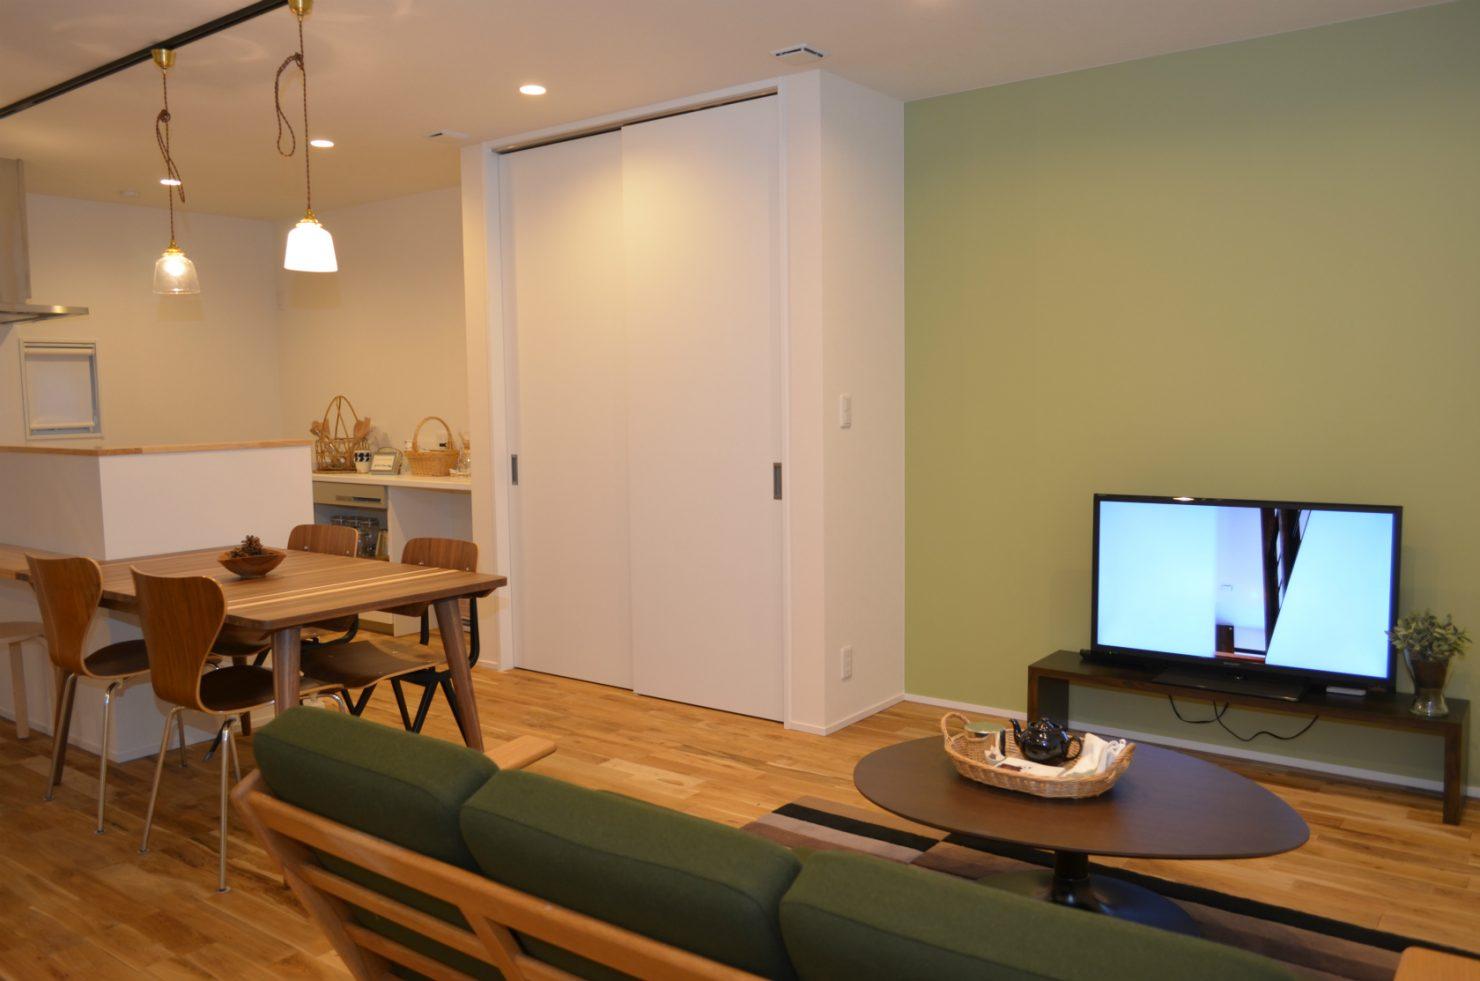 ハウスM21+archi「その場所にふさわしいカタチで佇む住まい」リビング写真